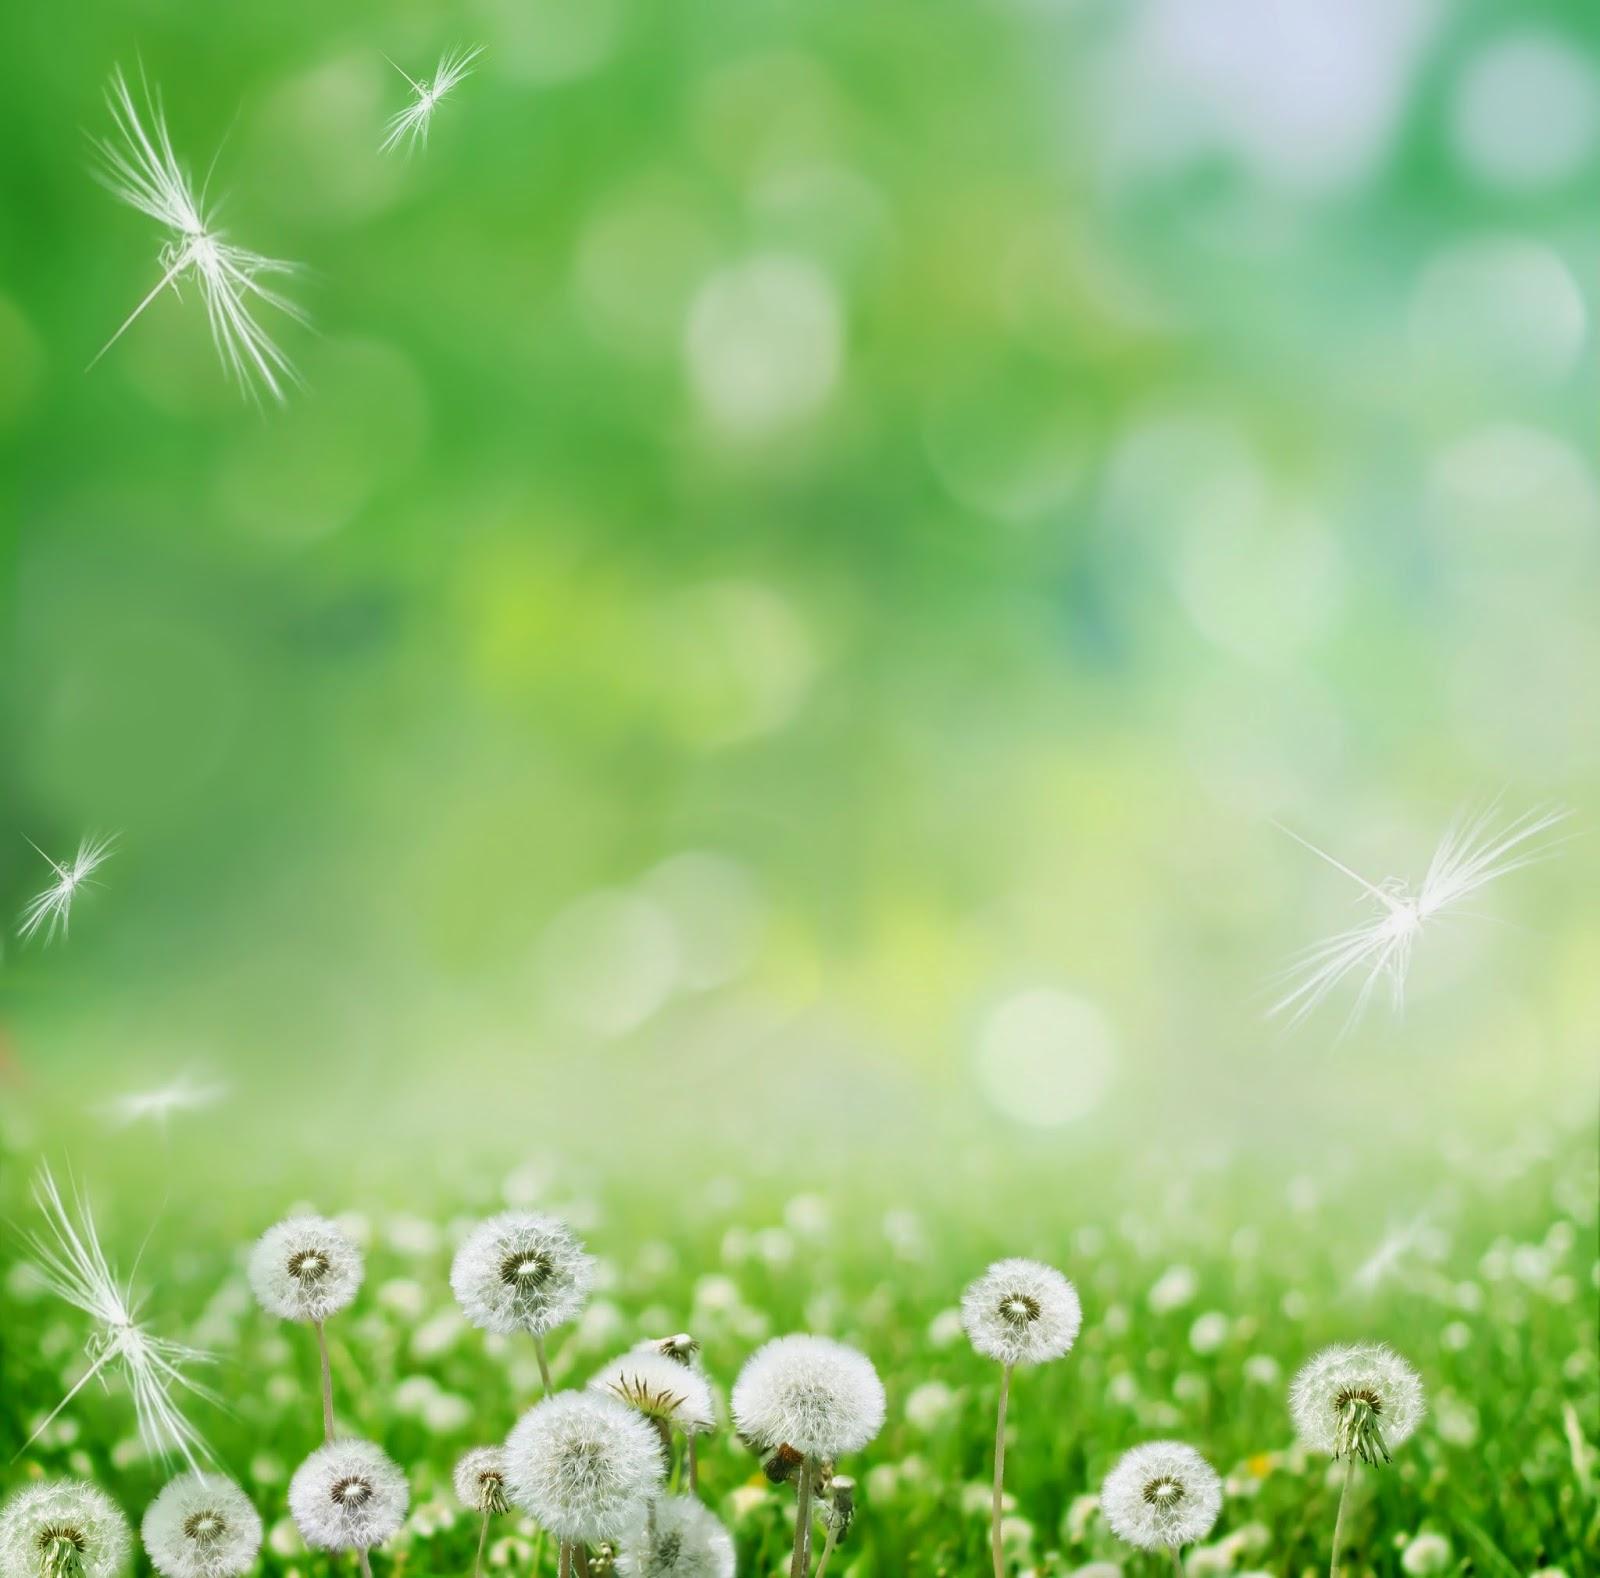 Fotos De Flores Hermosas Para Fondo De Pantalla